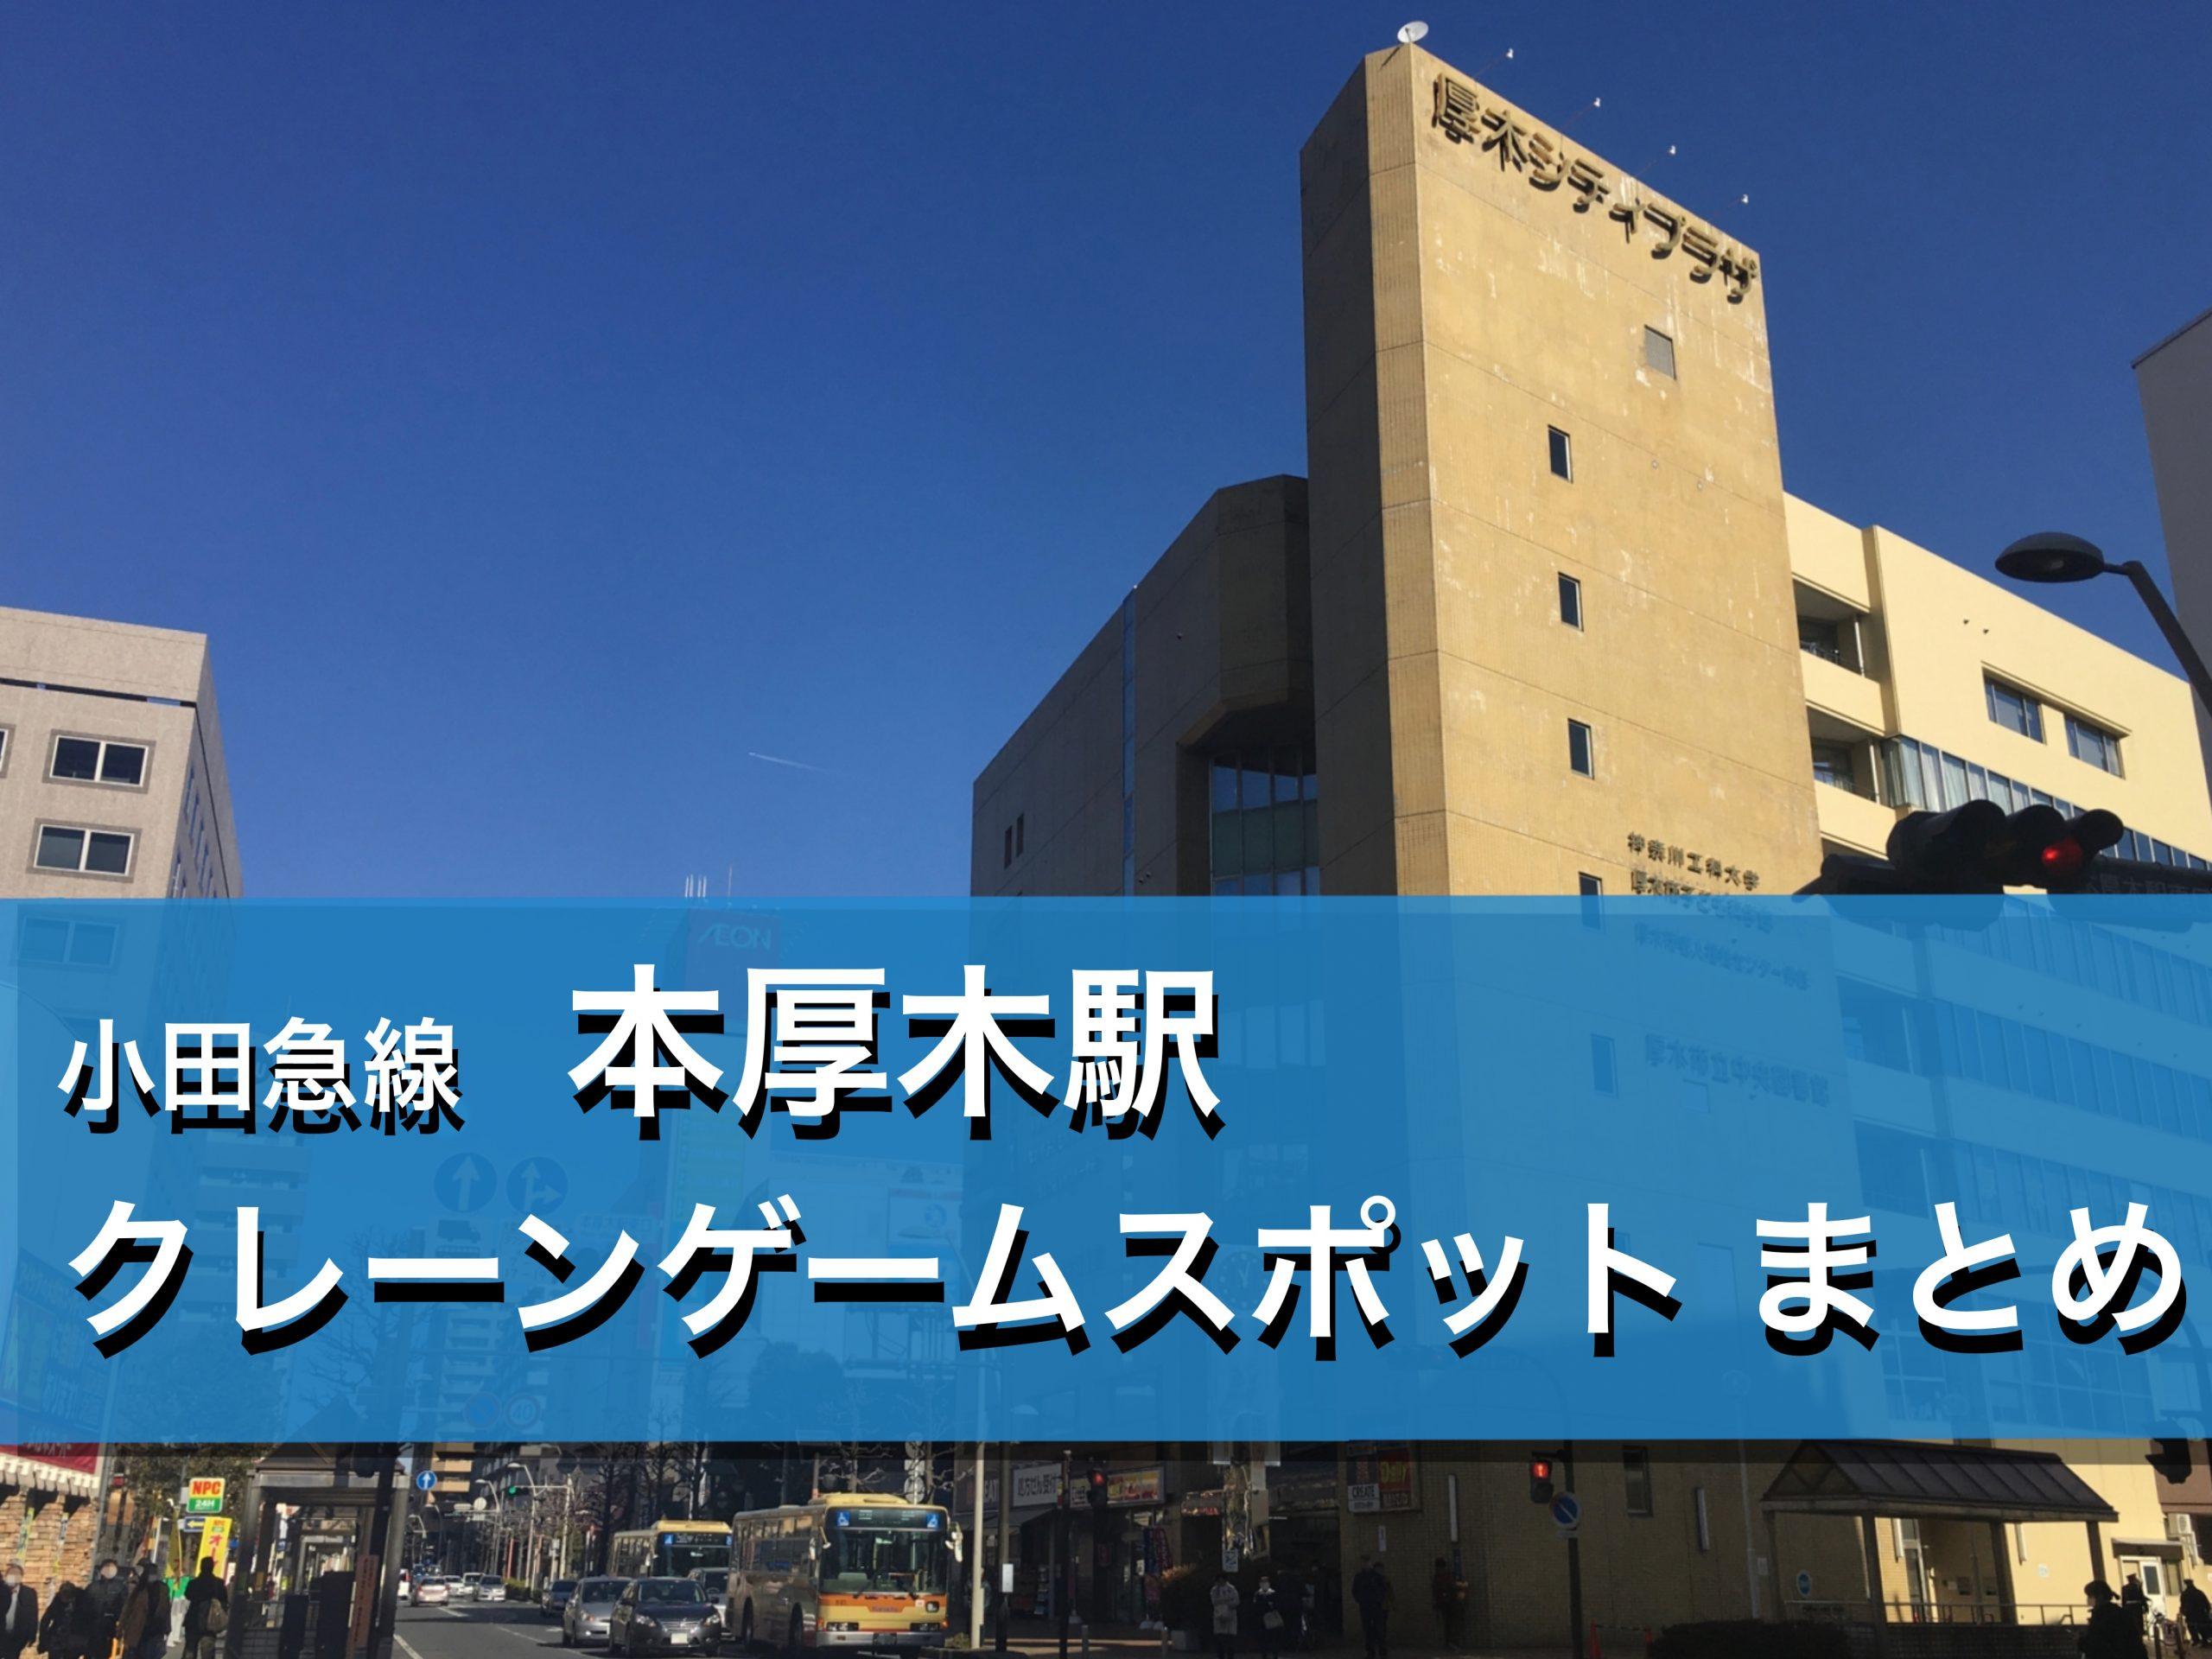 【本厚木駅】クレーンゲームができる場所